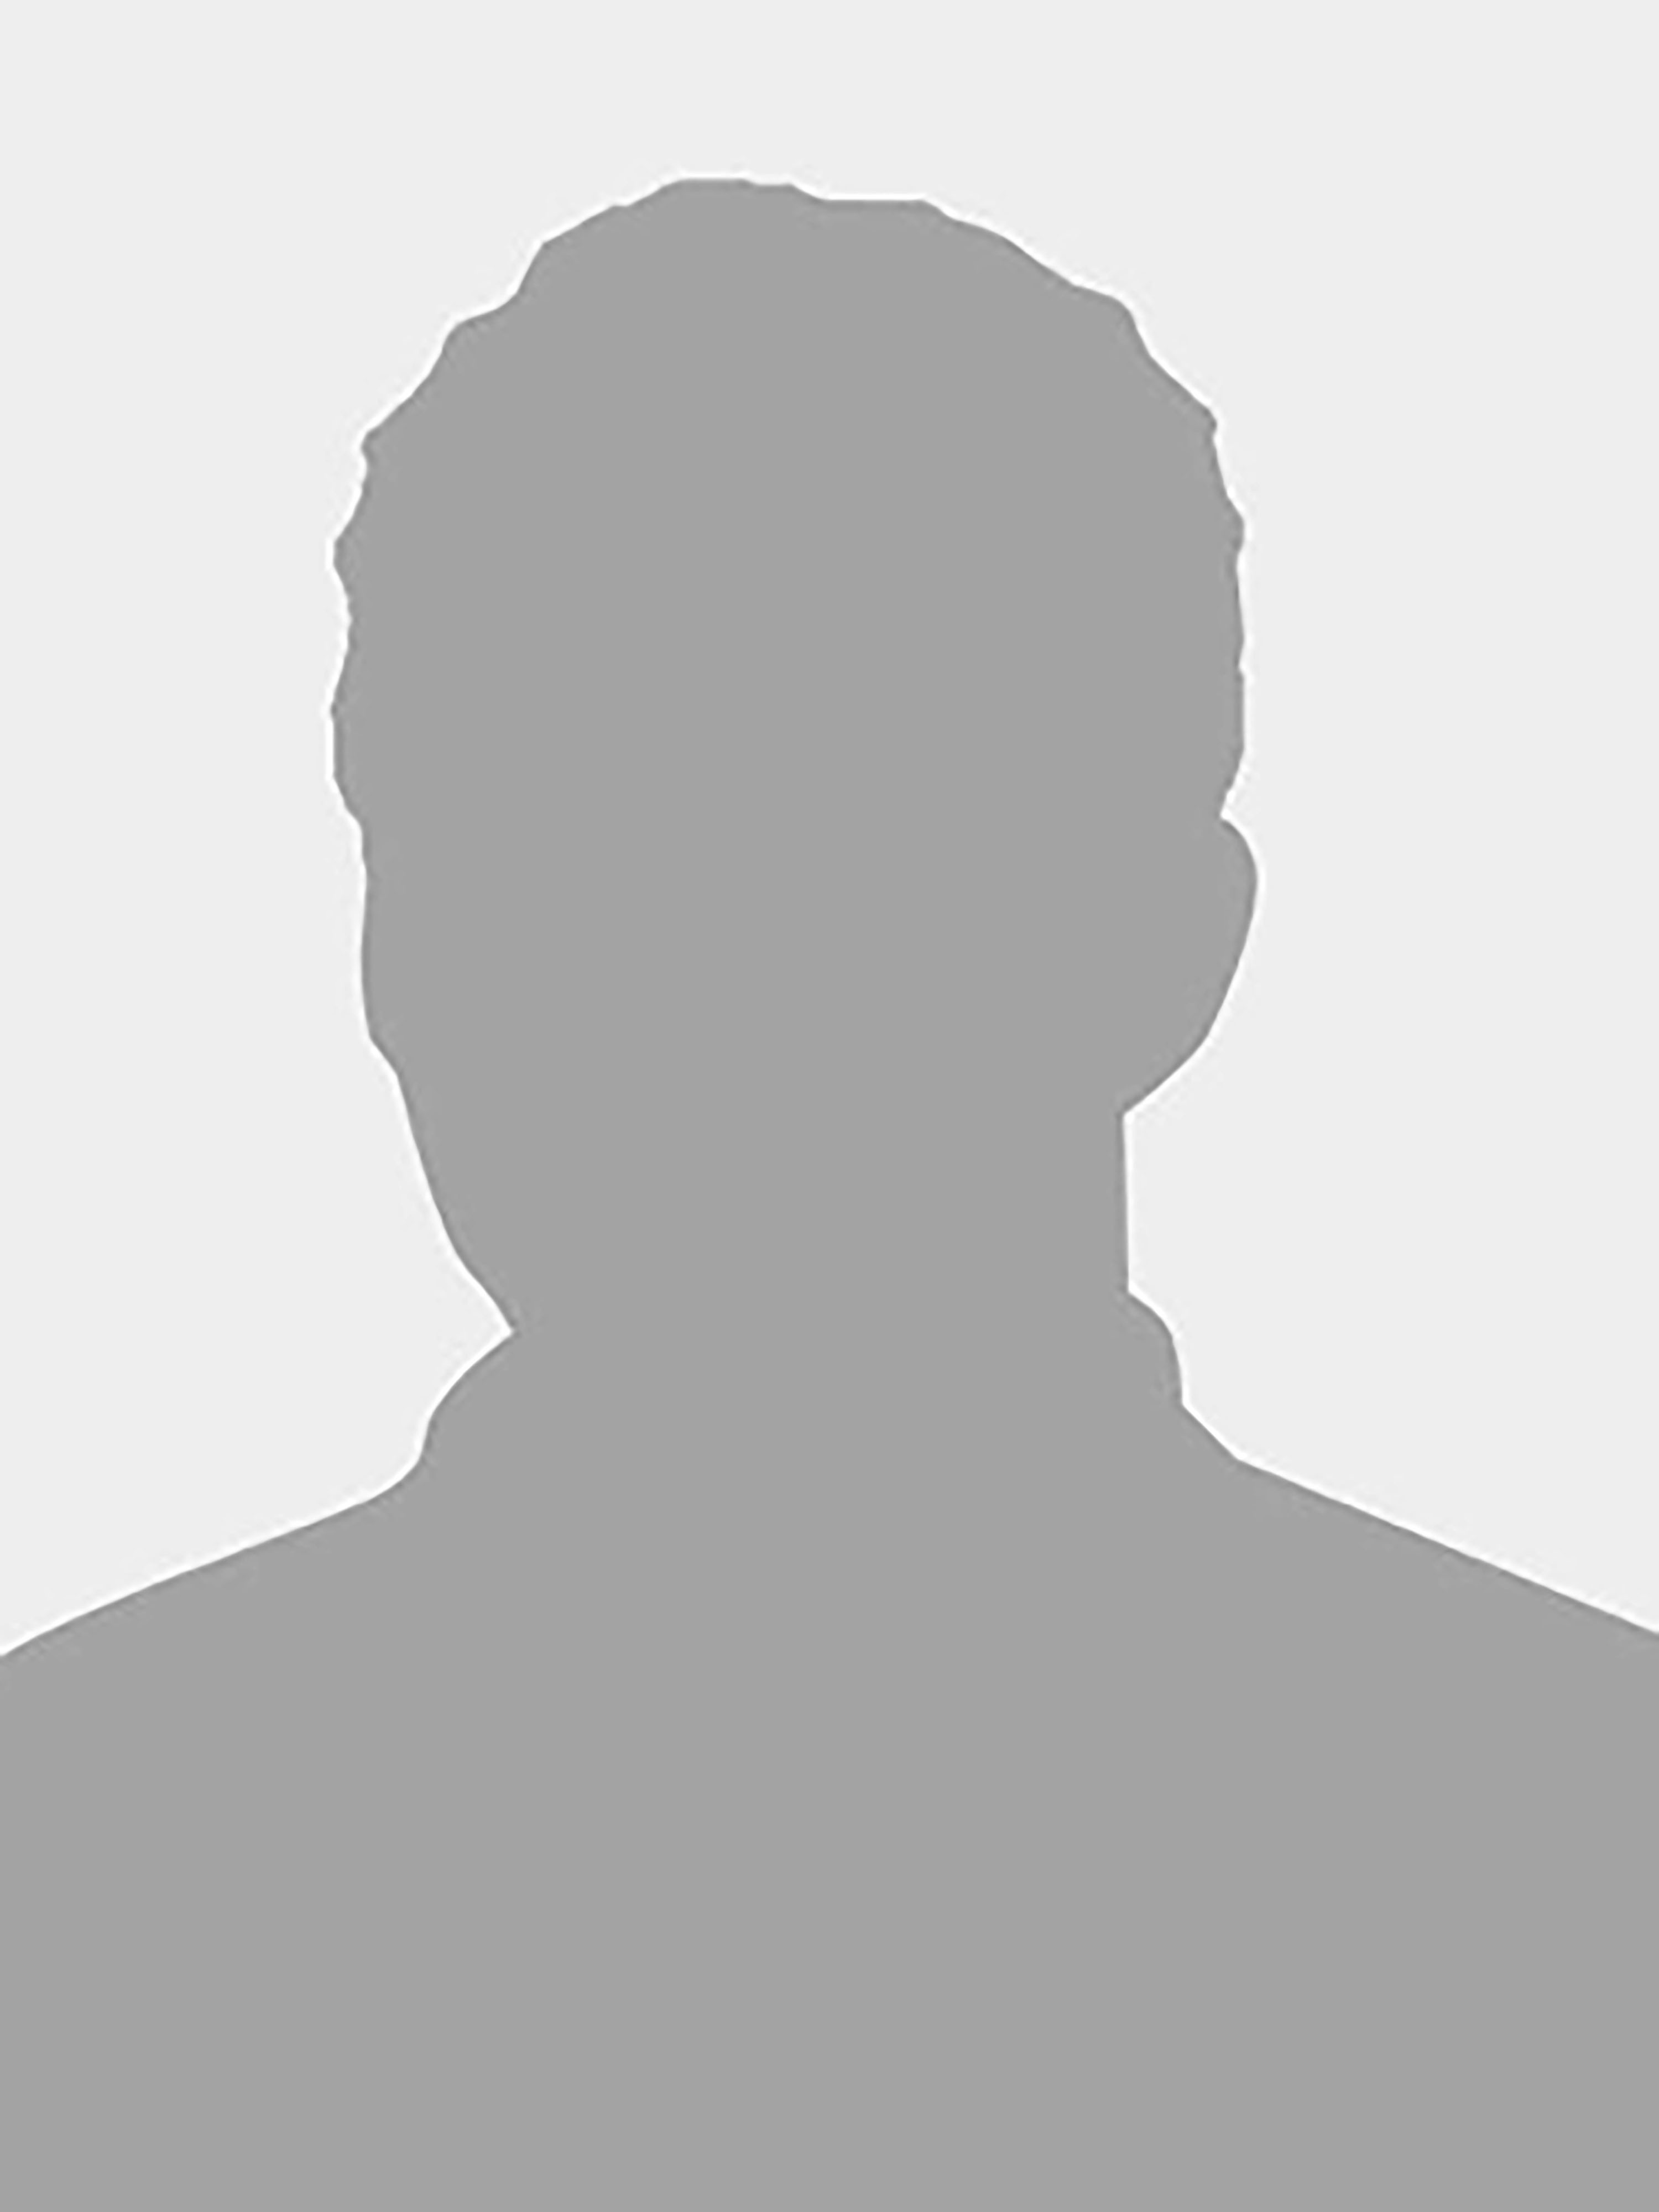 Bildergebnis für dummy profile